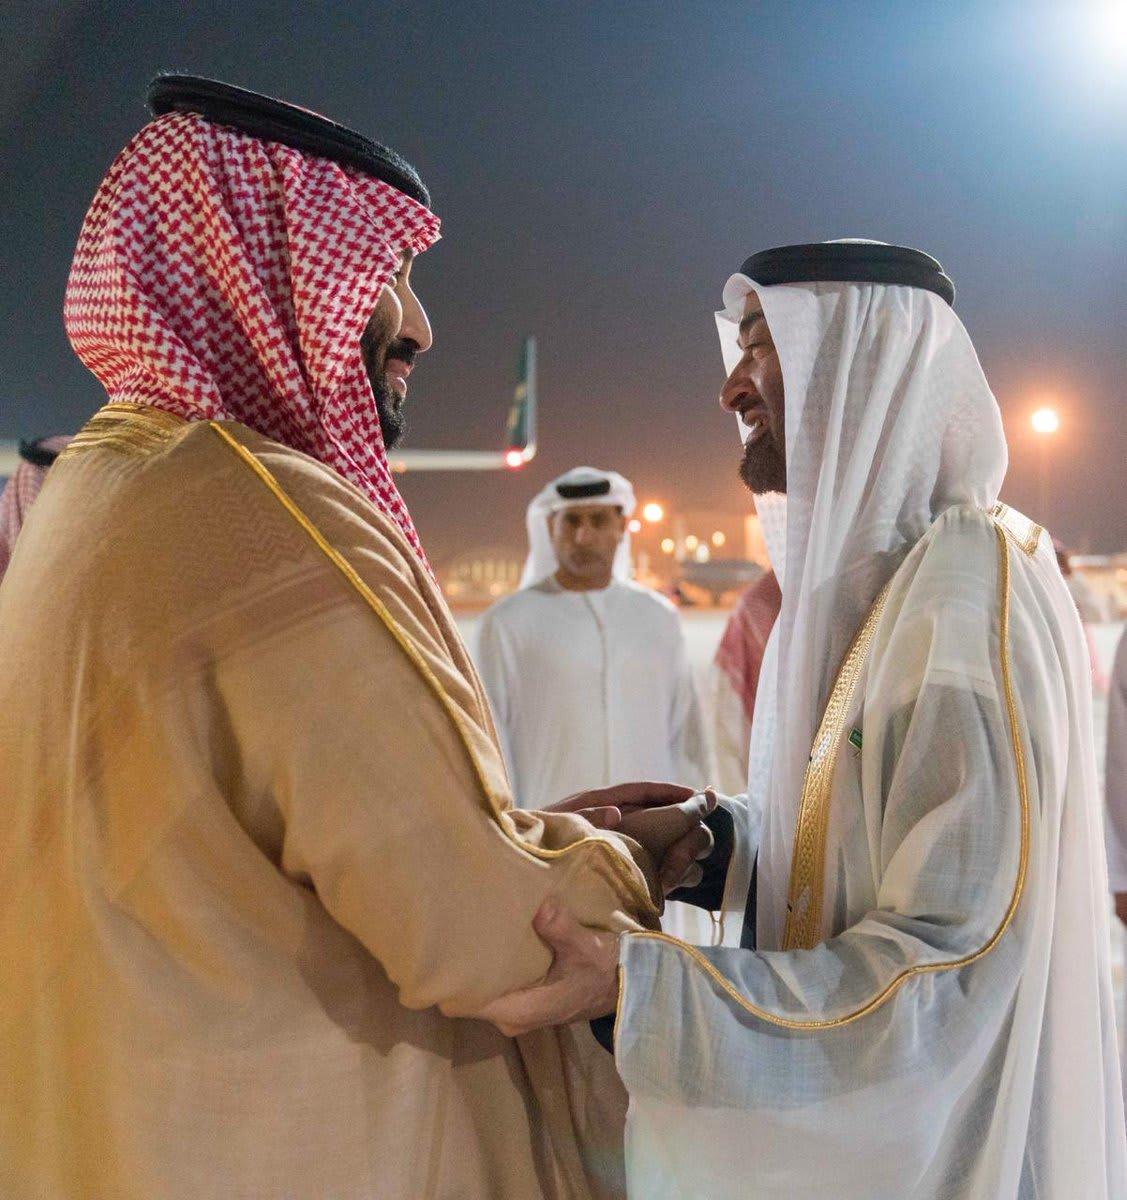 الإمارات أولى محطات الجولة العربية لولي العهد السعودي.. ومحمد بن زايد في مقدمة مستقبليه